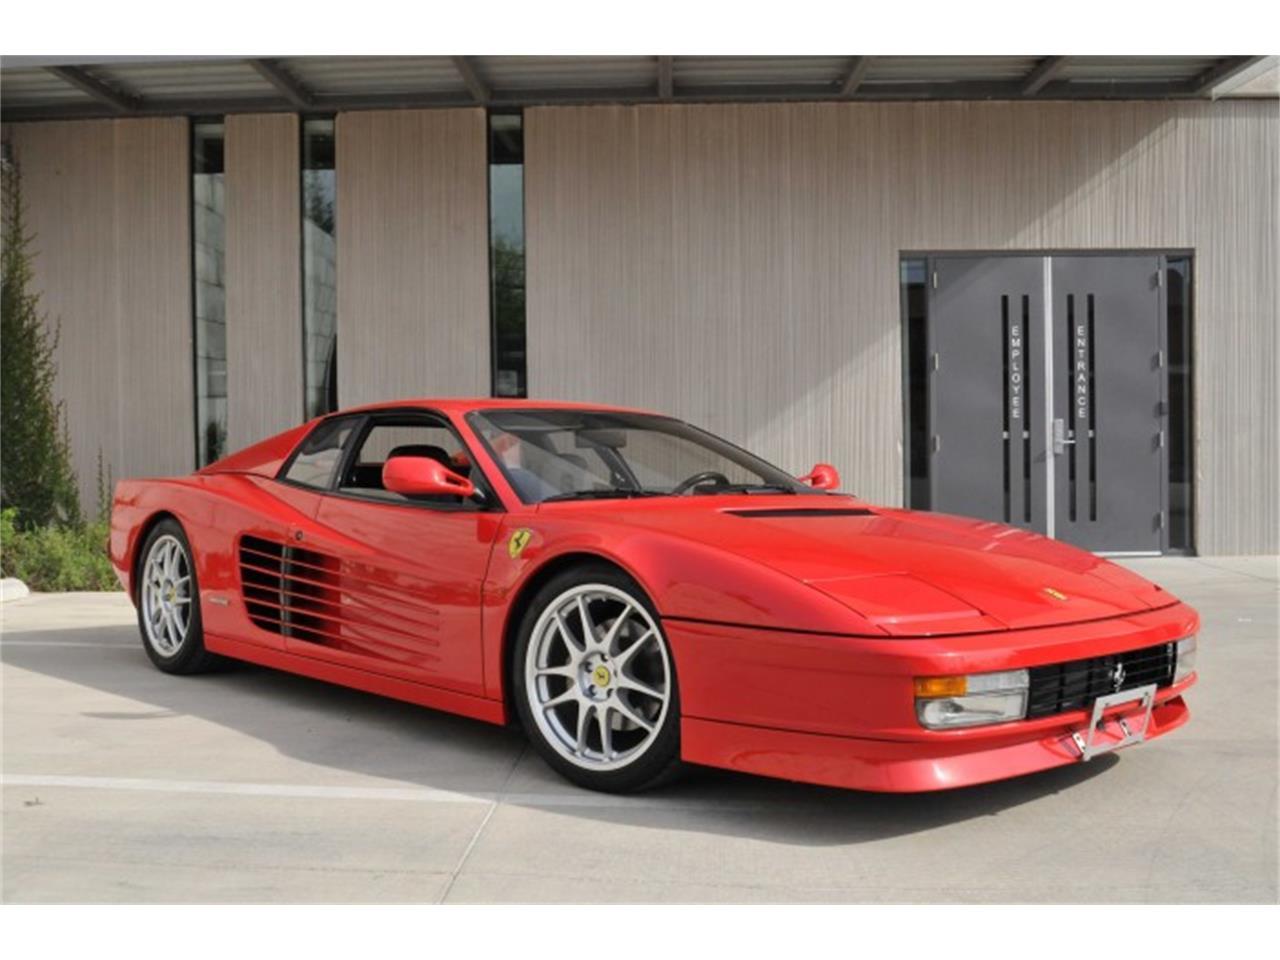 1991 Ferrari Testarossa For Sale Classiccars Com Cc 1208129